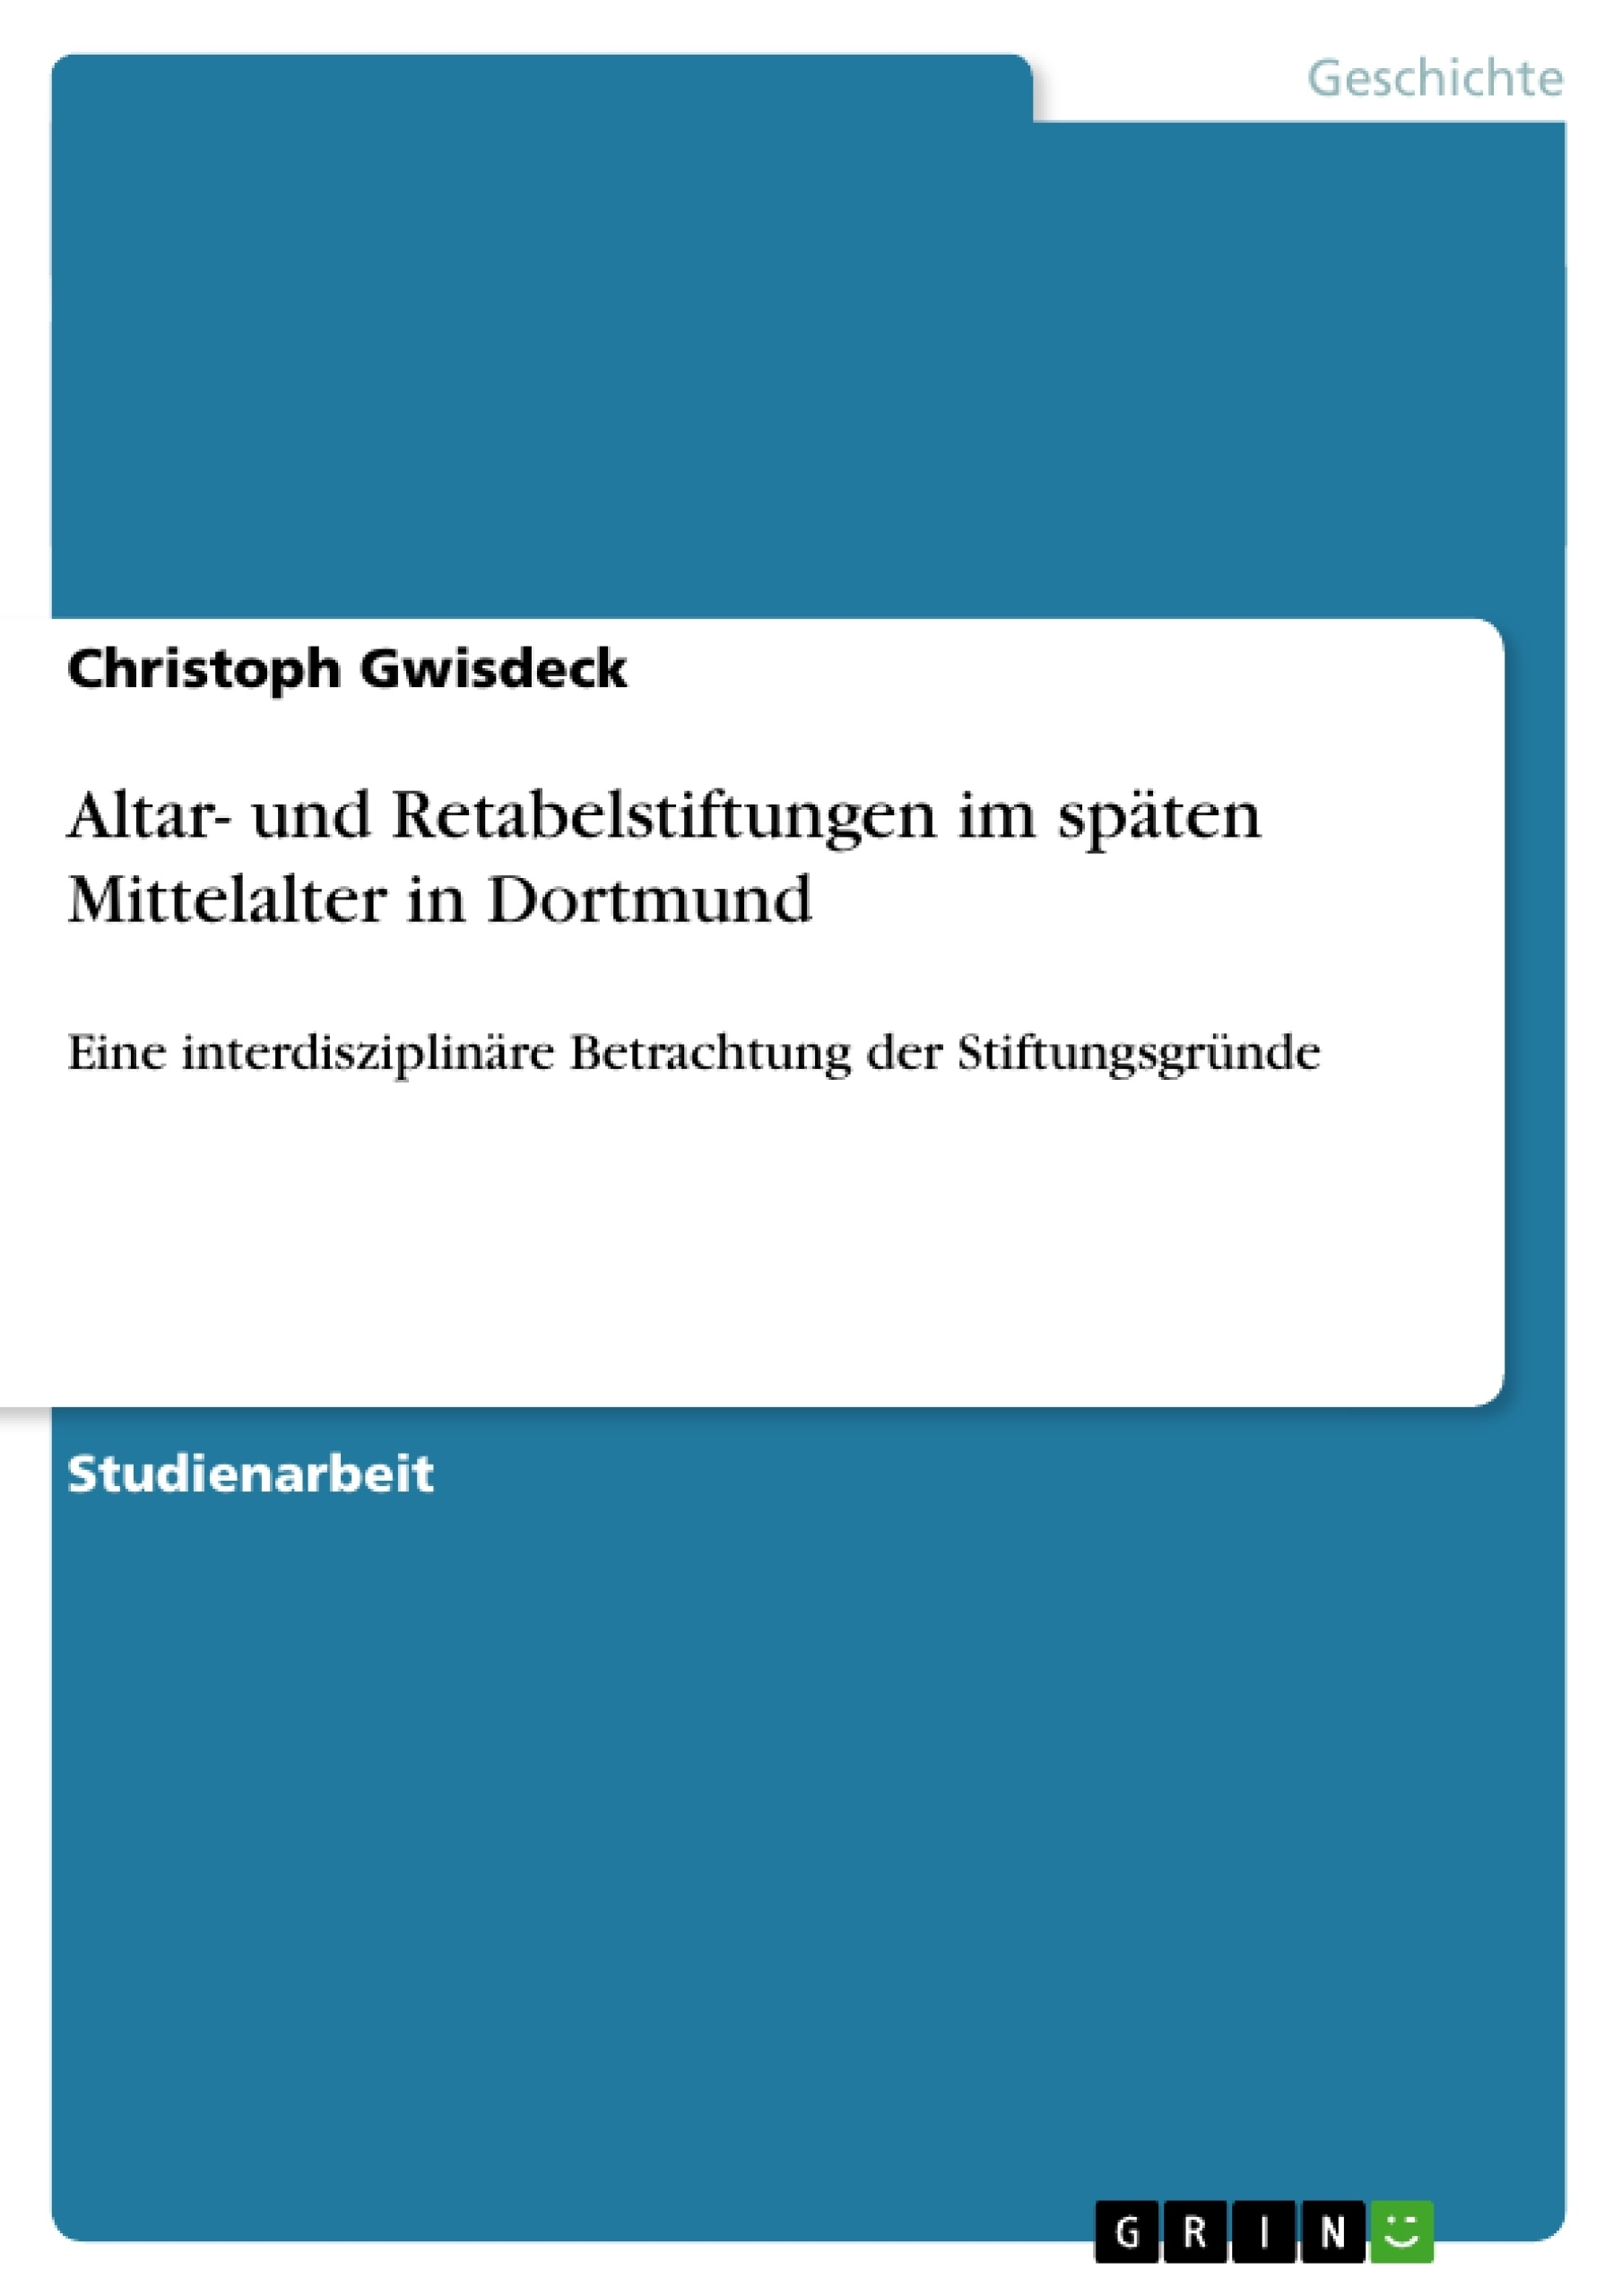 Titel: Altar- und Retabelstiftungen im späten Mittelalter in Dortmund